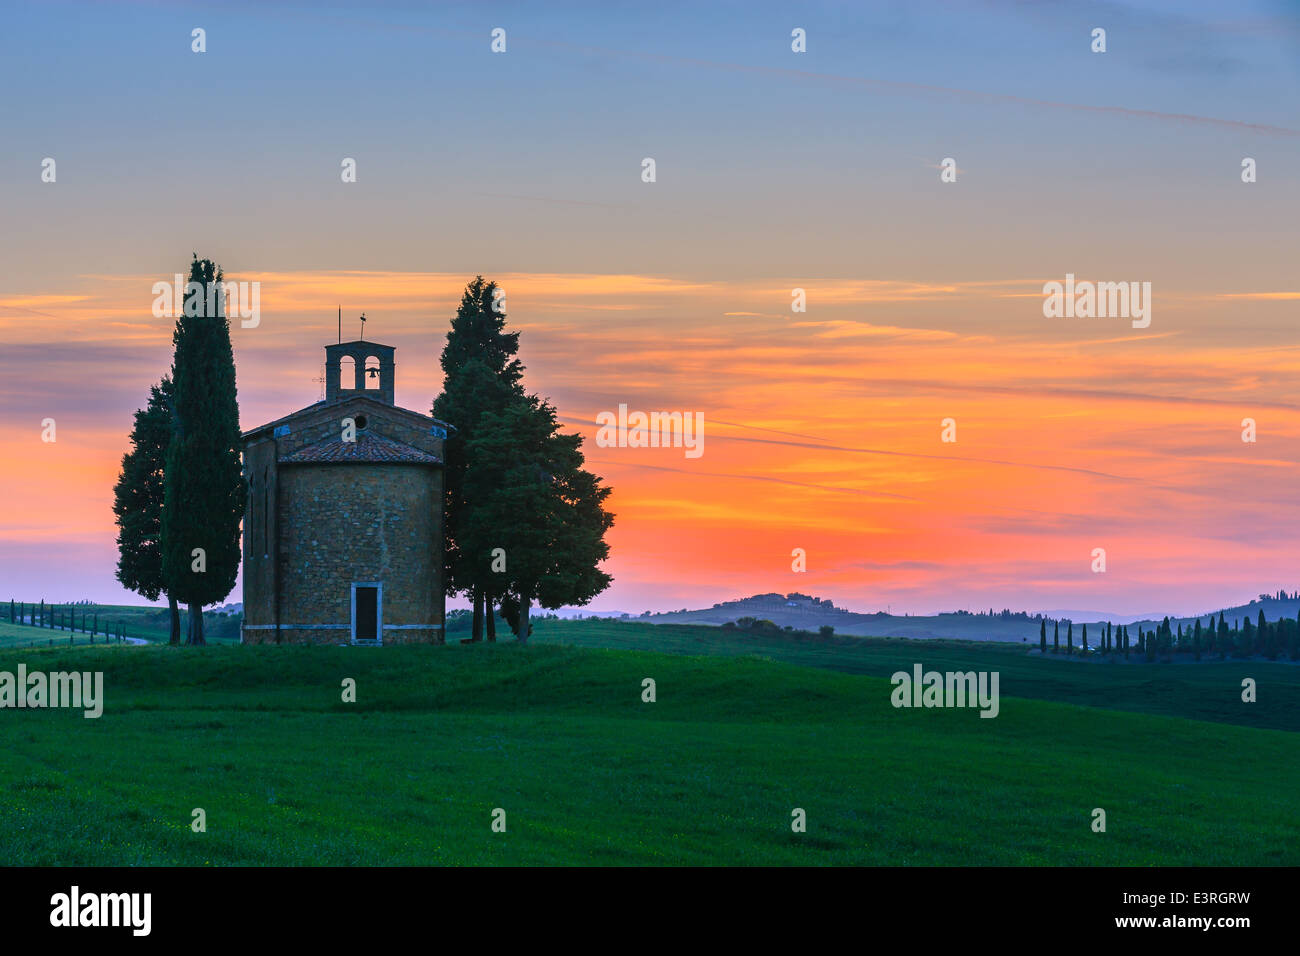 The Cappella della Madonna di Vitaleta, in the heart of the Tuscany, near Pienza in de Val d'Orcia valley - Stock Image